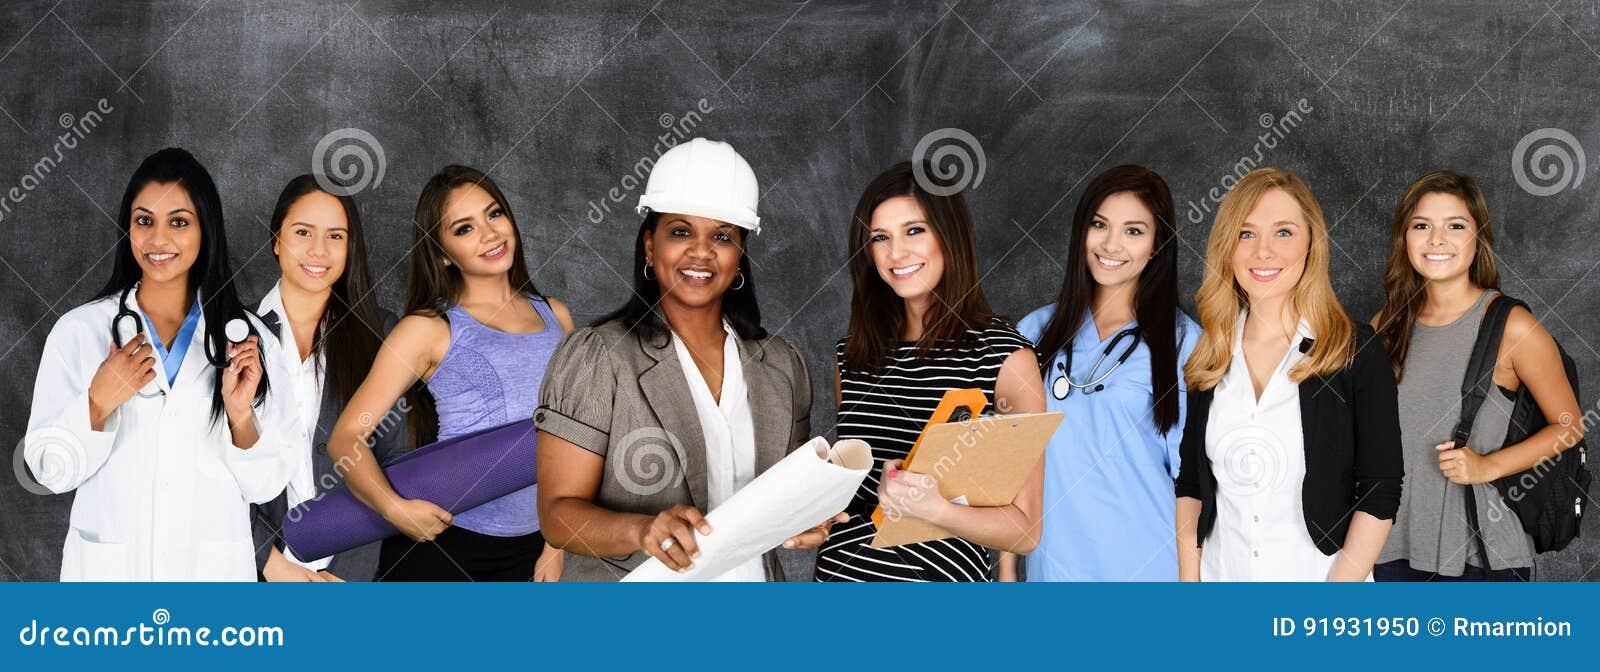 Женщины в трудовом ресурсе